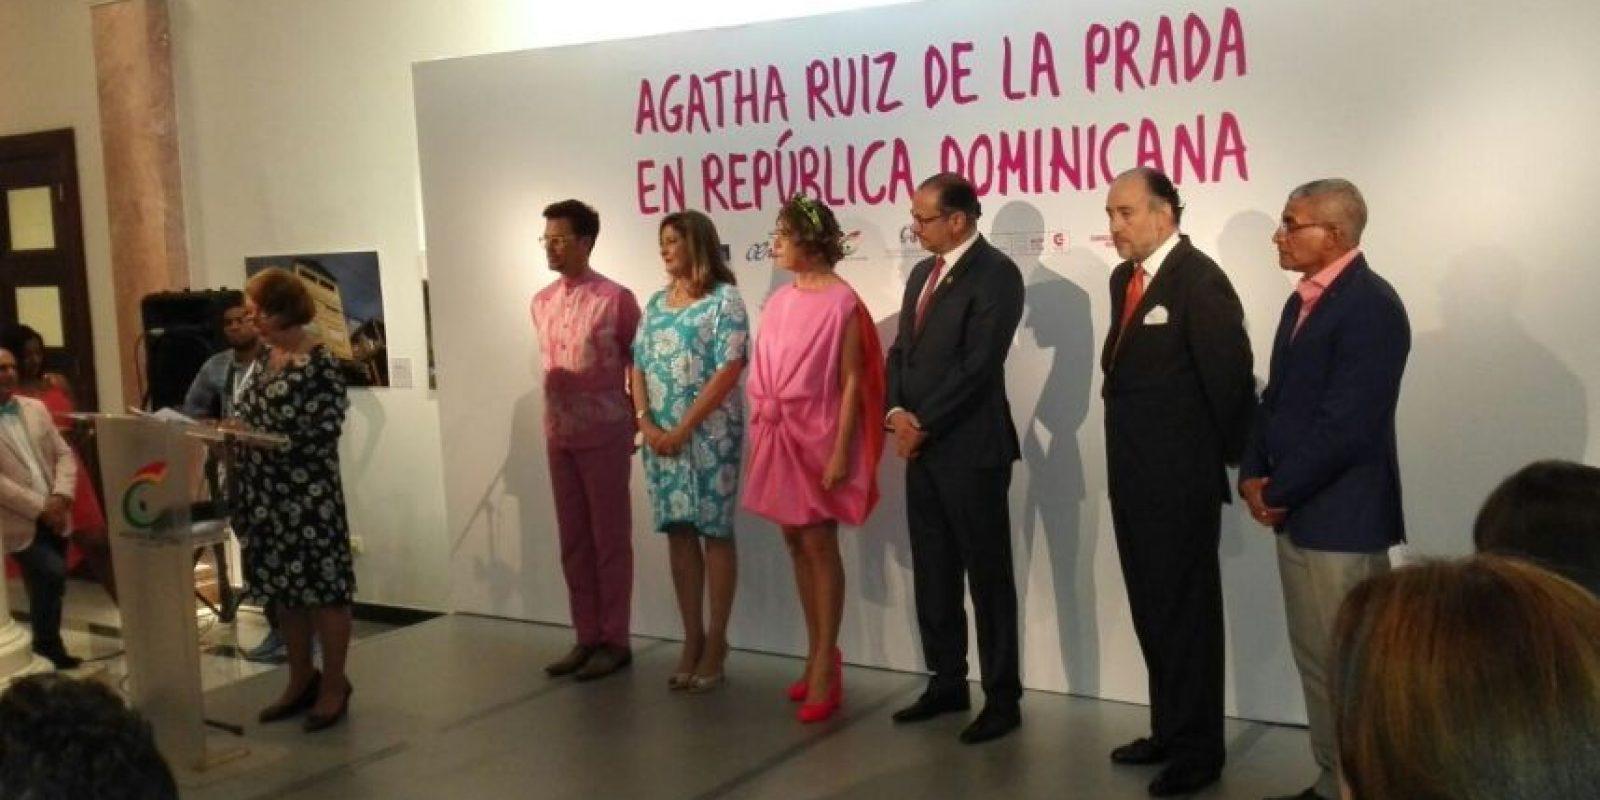 Inicio del evento con la presencia del ministro de Cultura, José Antonio Rodríguez Foto:Ana Licia de Jesús